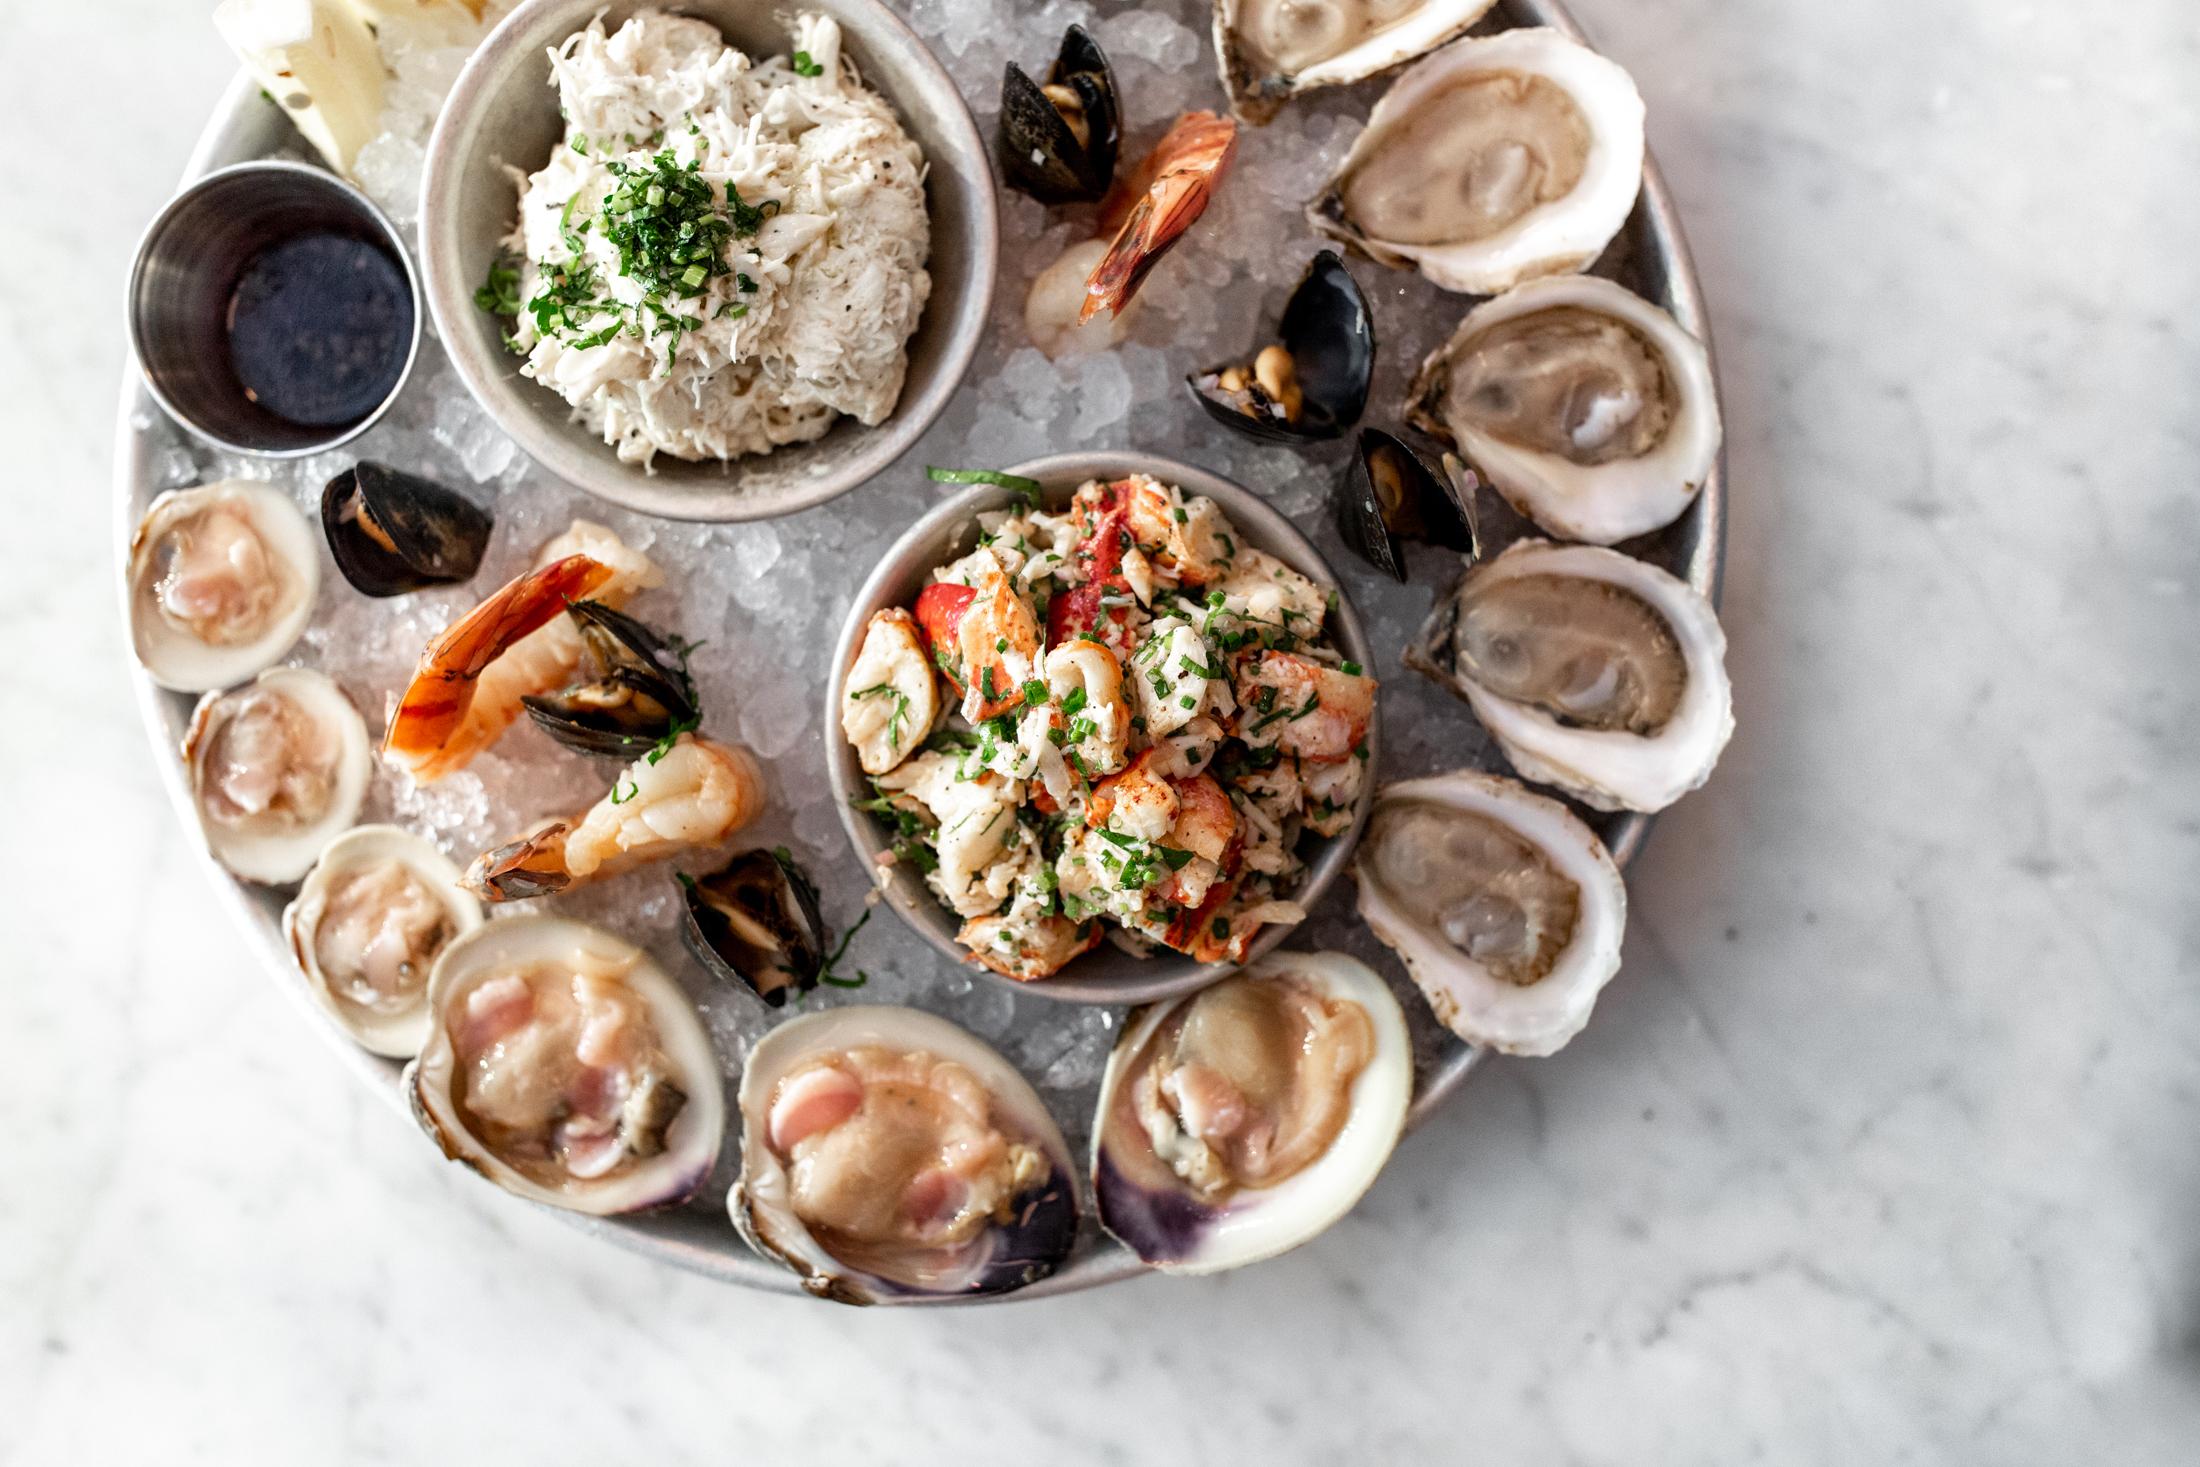 Neptune oyster bar boston, massachusetts